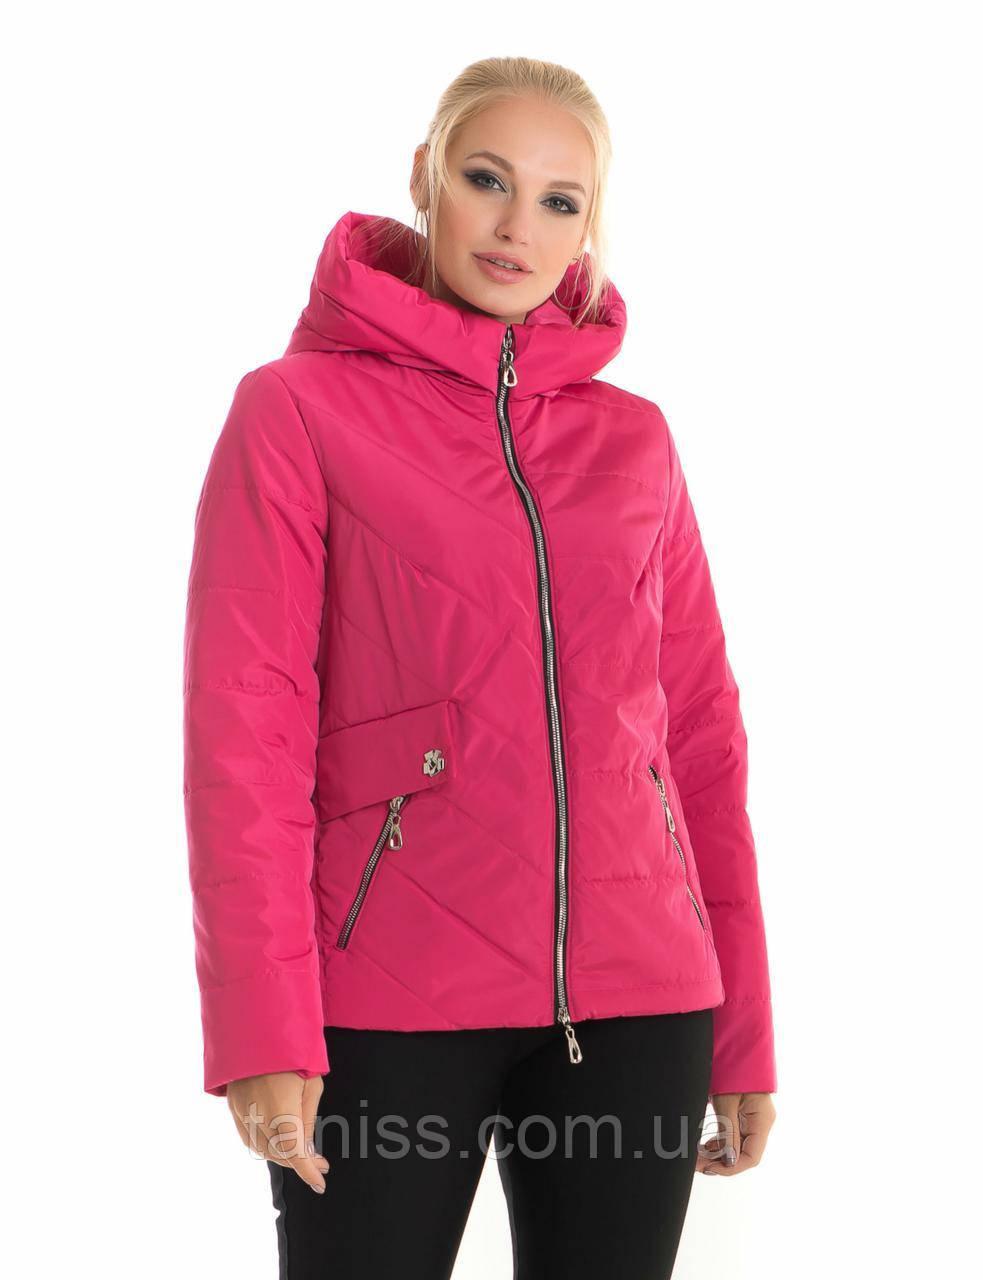 Молодіжна, весняна, демісезонна куртка з капюшоном, розмір з 42 по 56, малина(65)